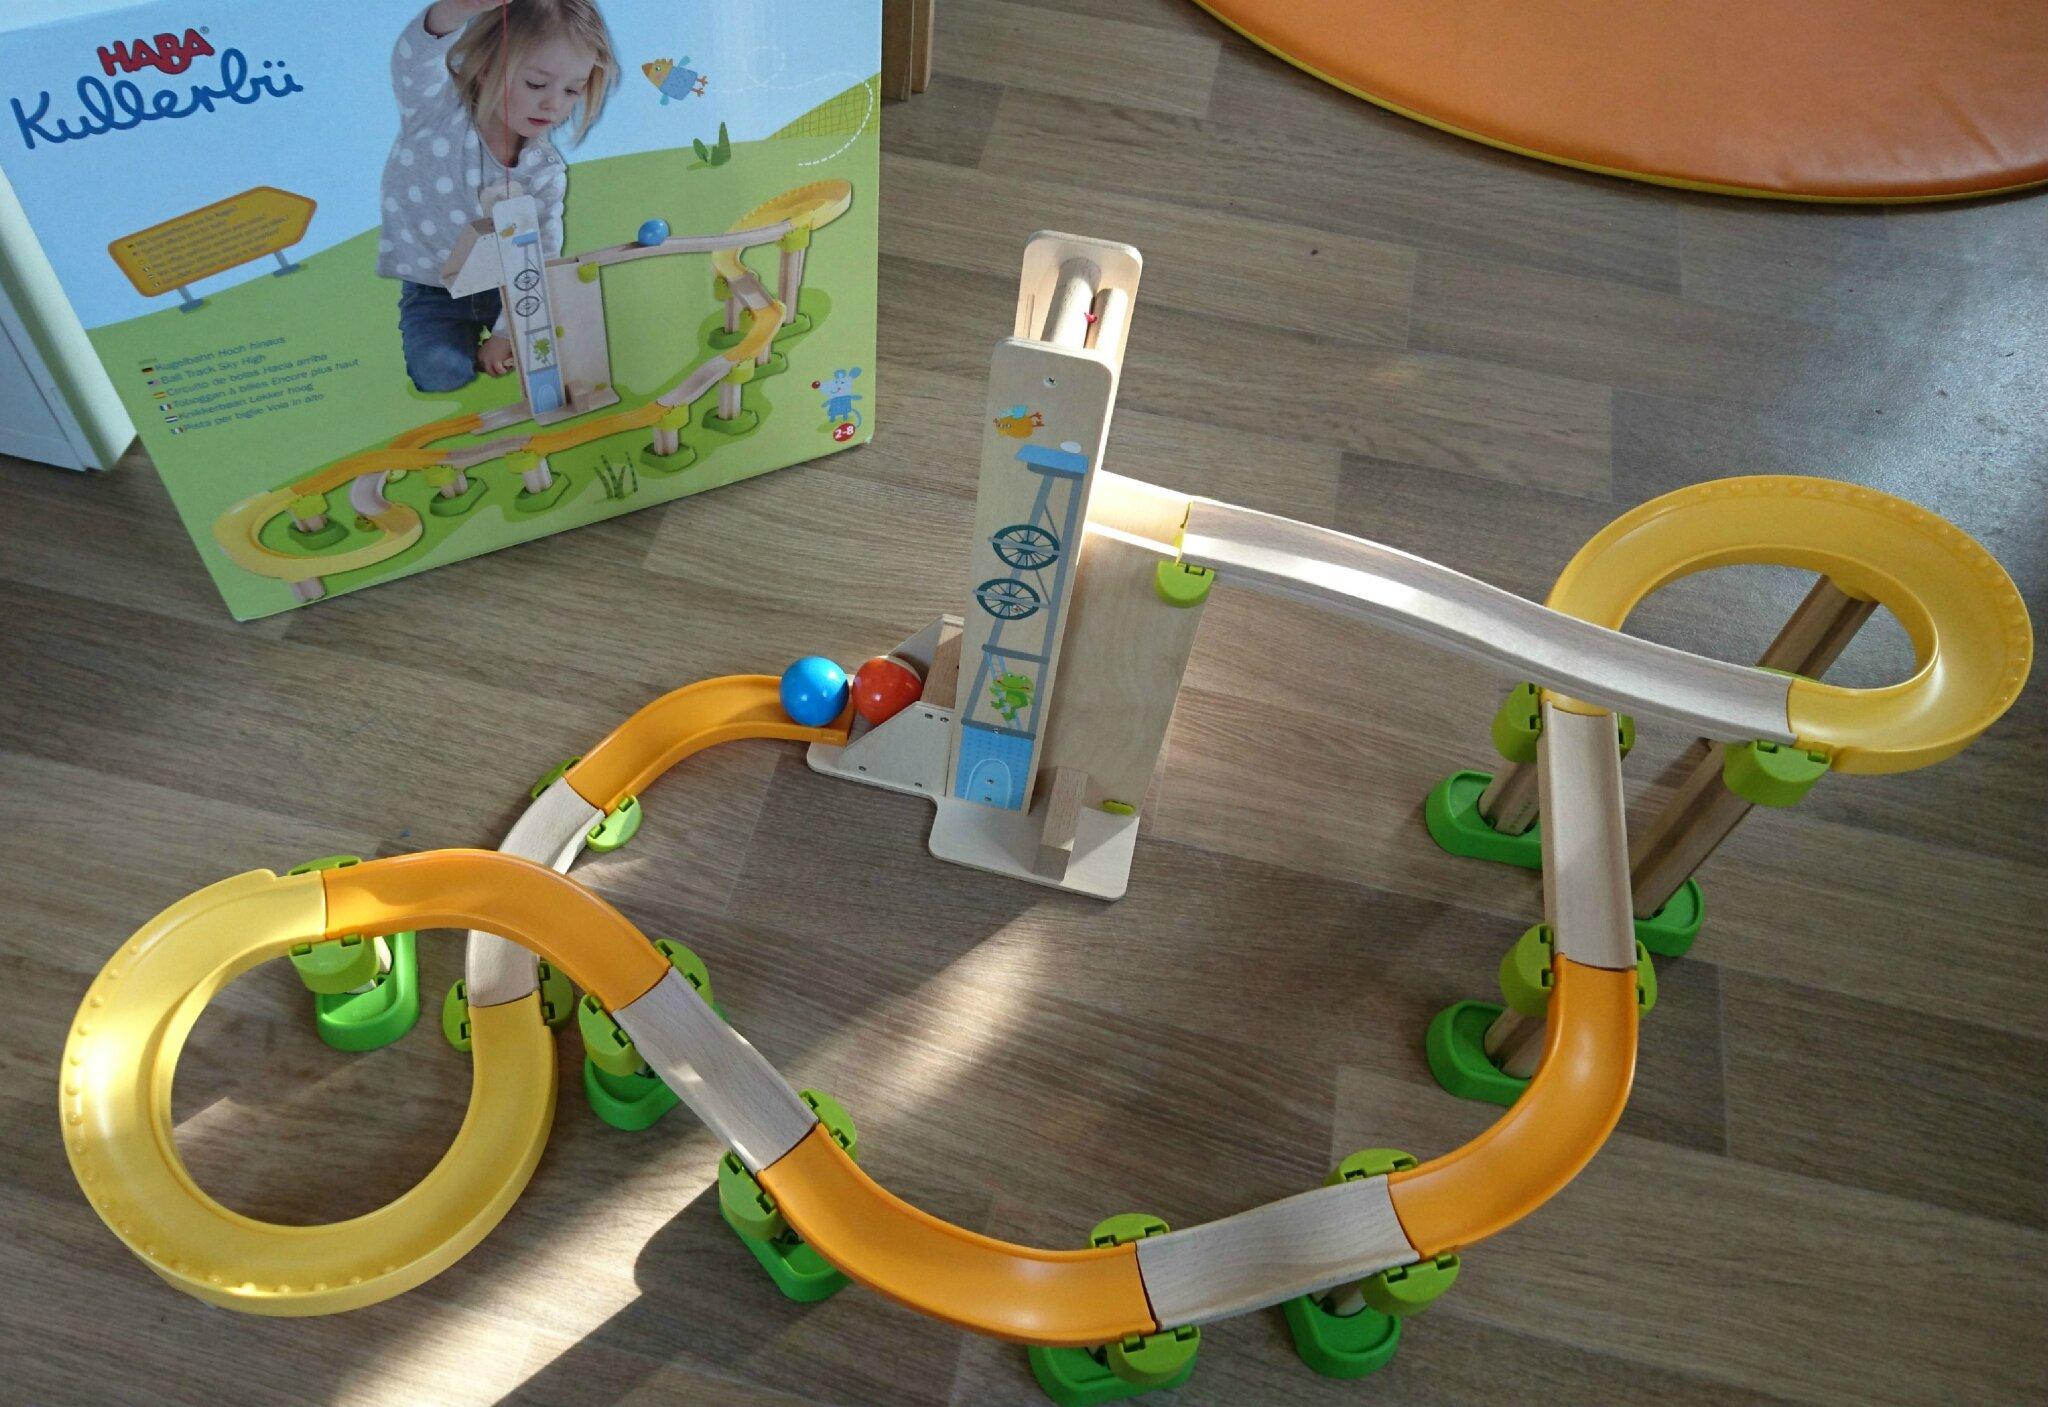 Les jouets préférés de la famille Prout #8 - Kullerbu de Haba